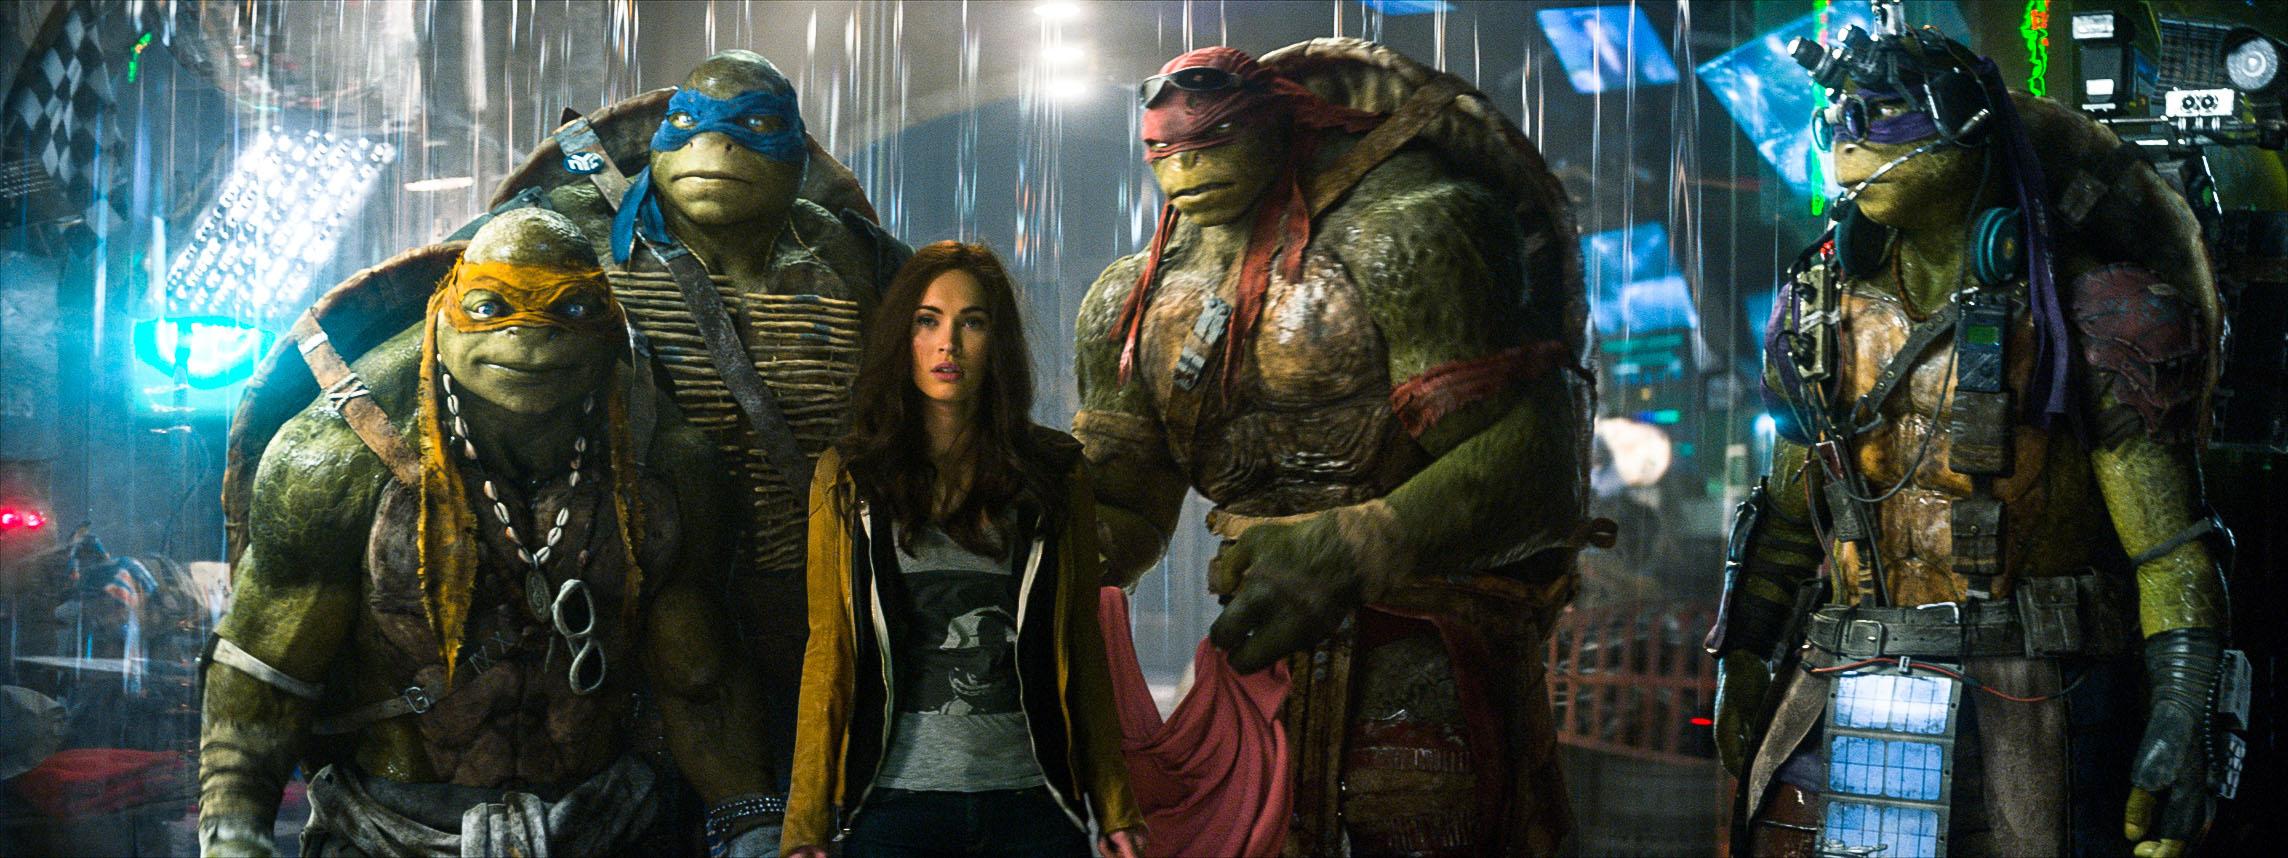 Megan Fox, Teenage Mutant Ninja Turtles